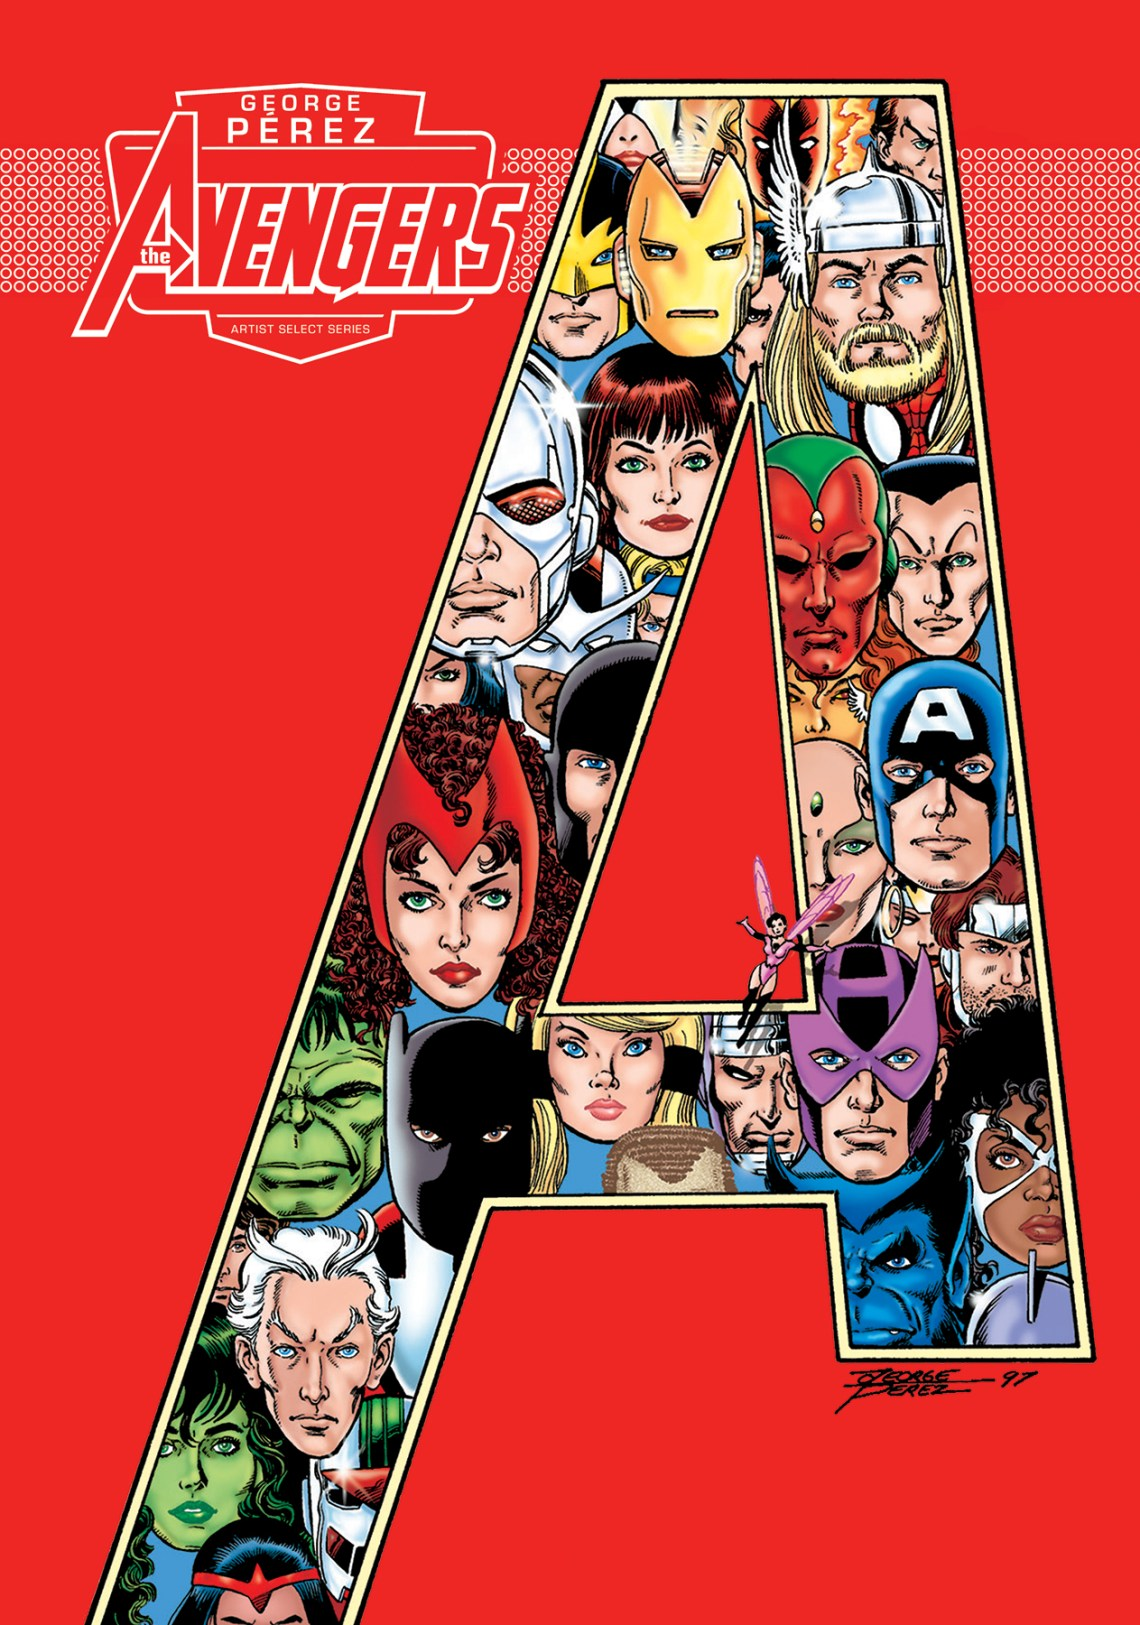 AvengersPerez-DustJacket-cvr